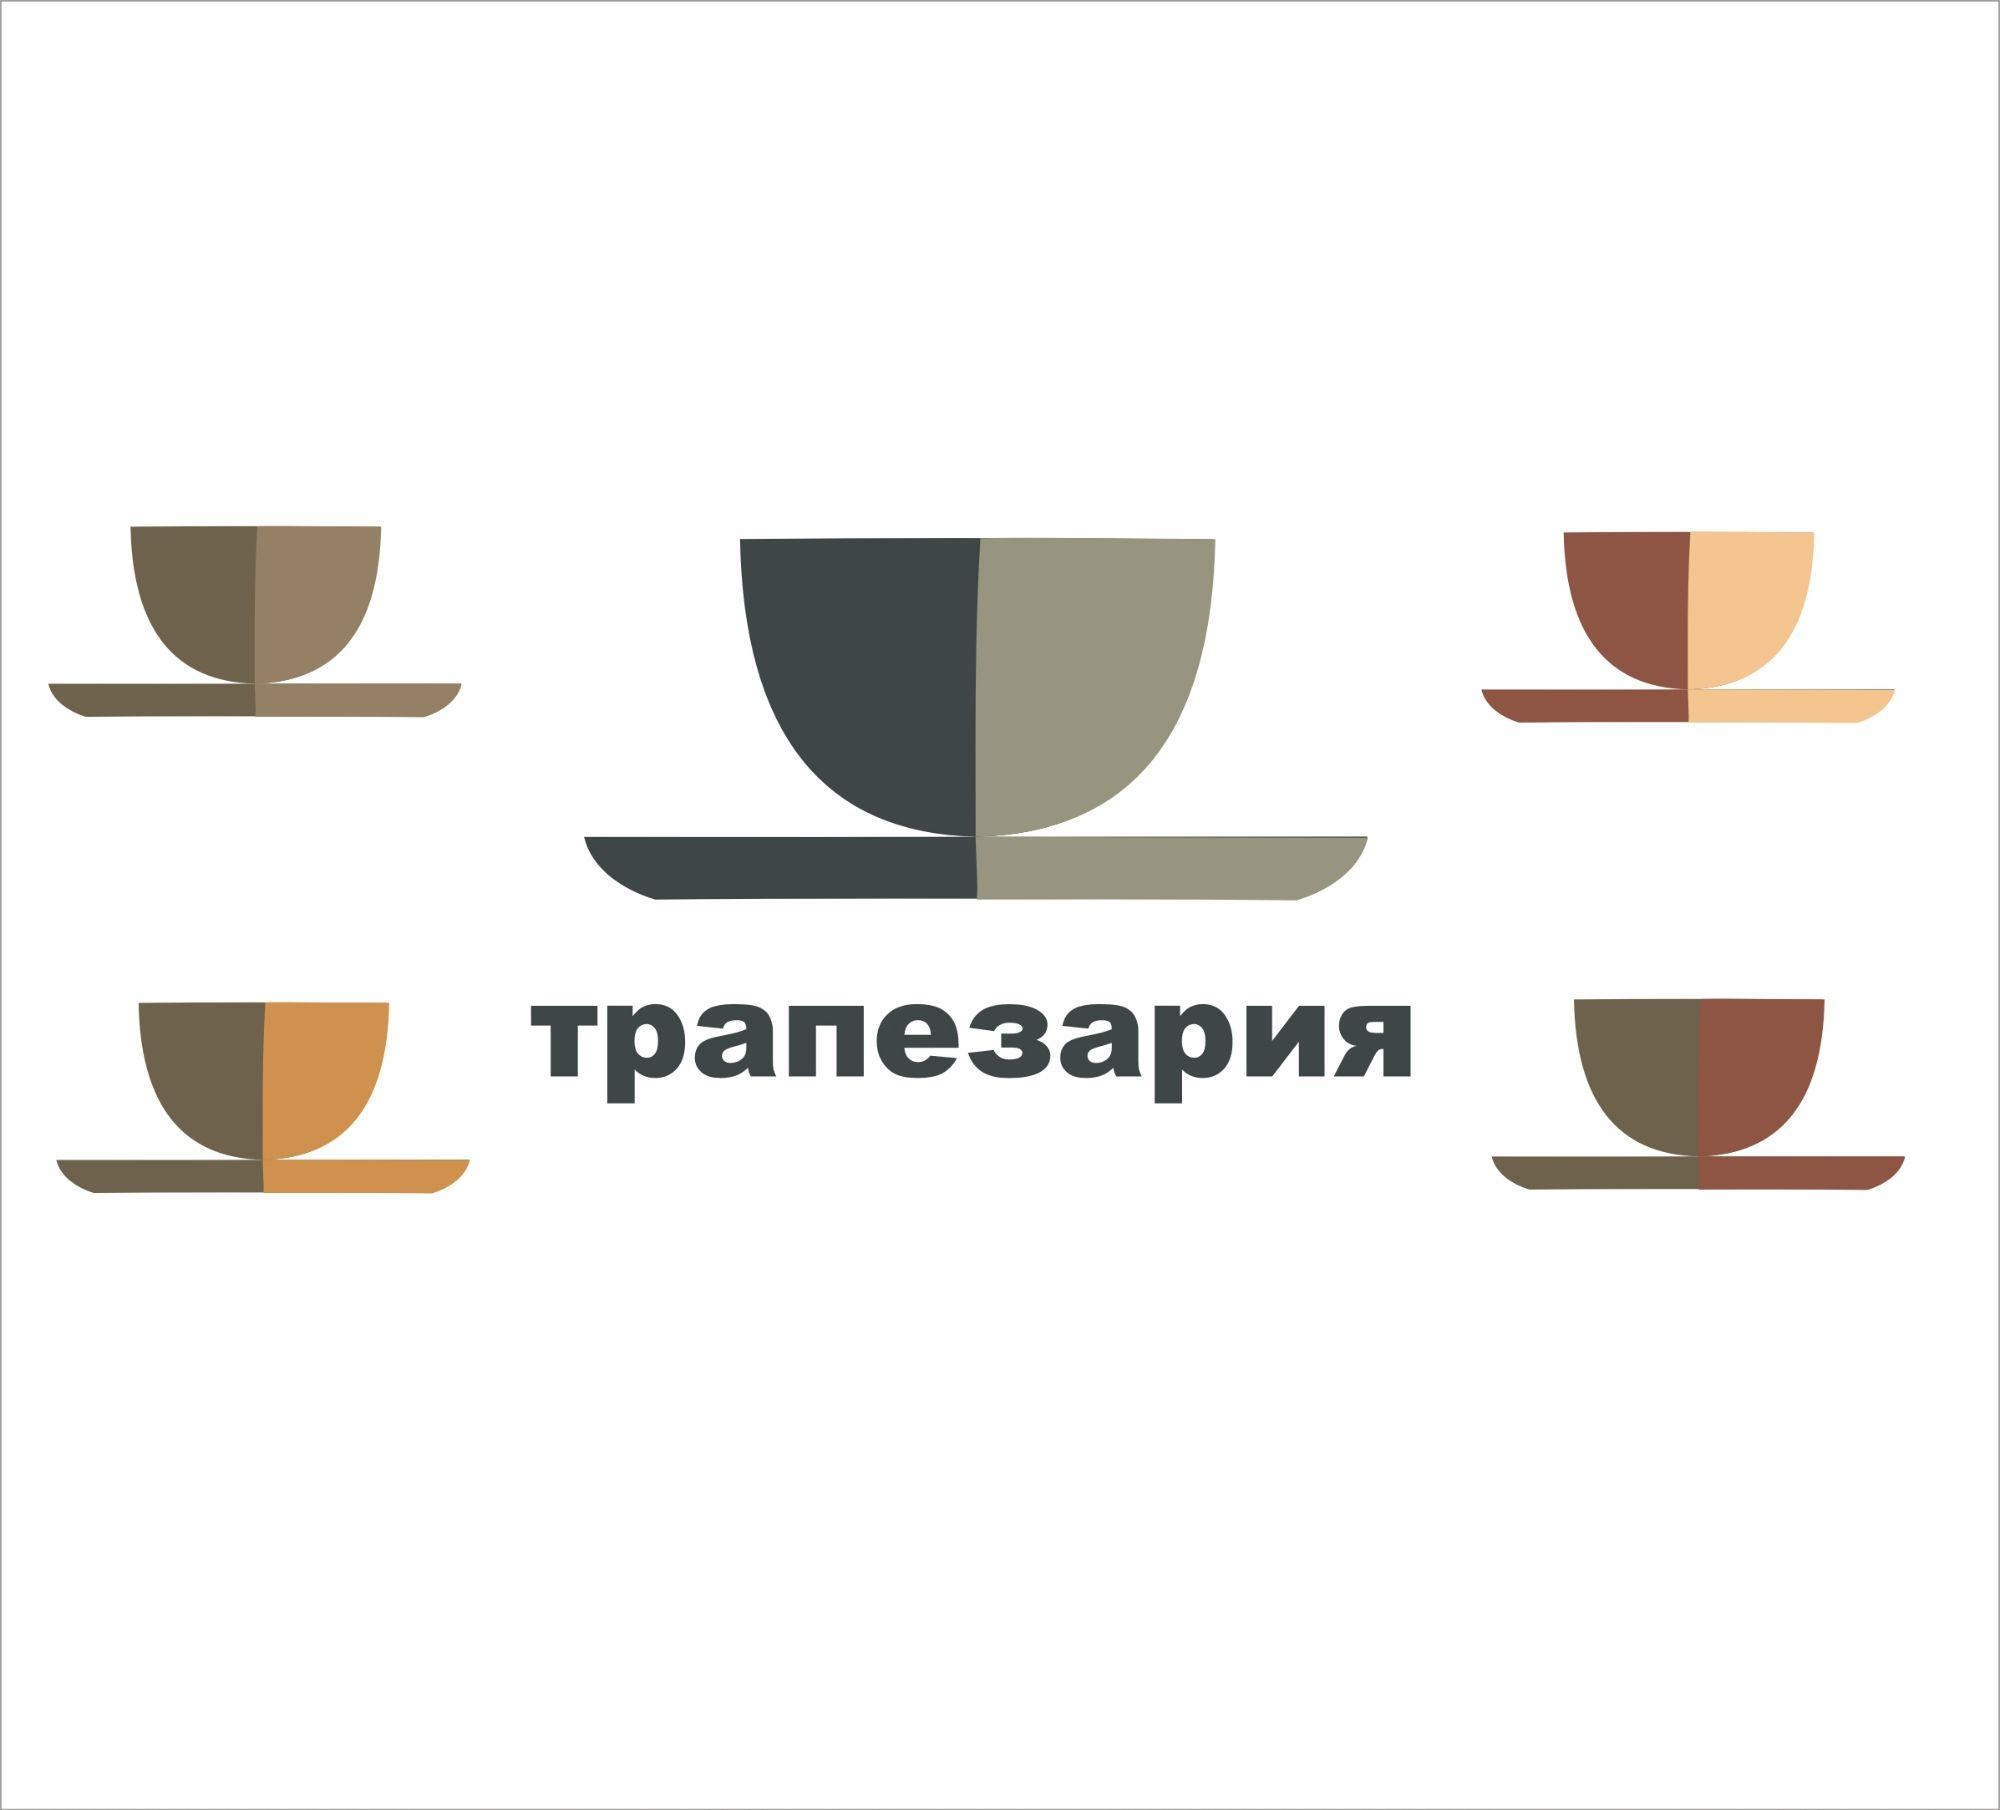 Логотип, брендбук и фирменный стиль для Трапезарии - дизайнер bymiftakhova